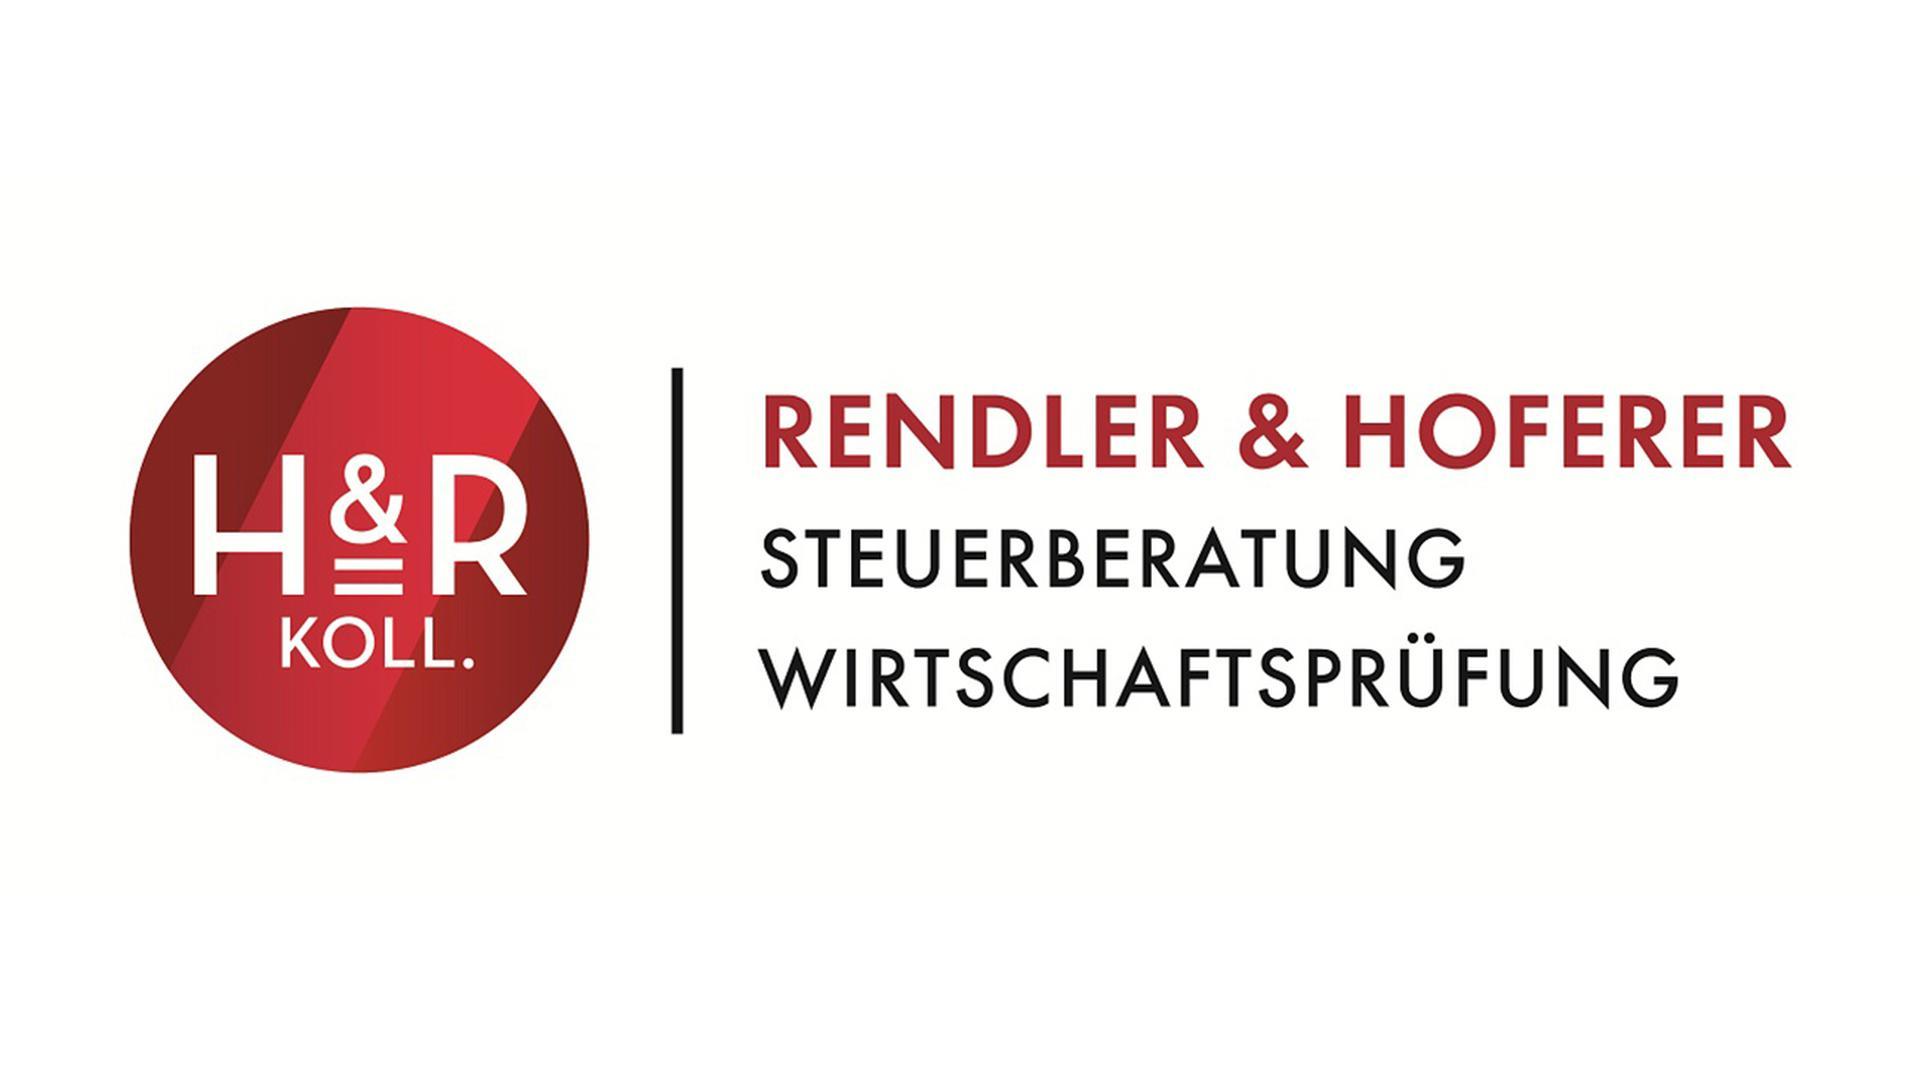 Ausbildung zum Steuerfachangstellten (m/w/d) bei Rendler & Hoferer